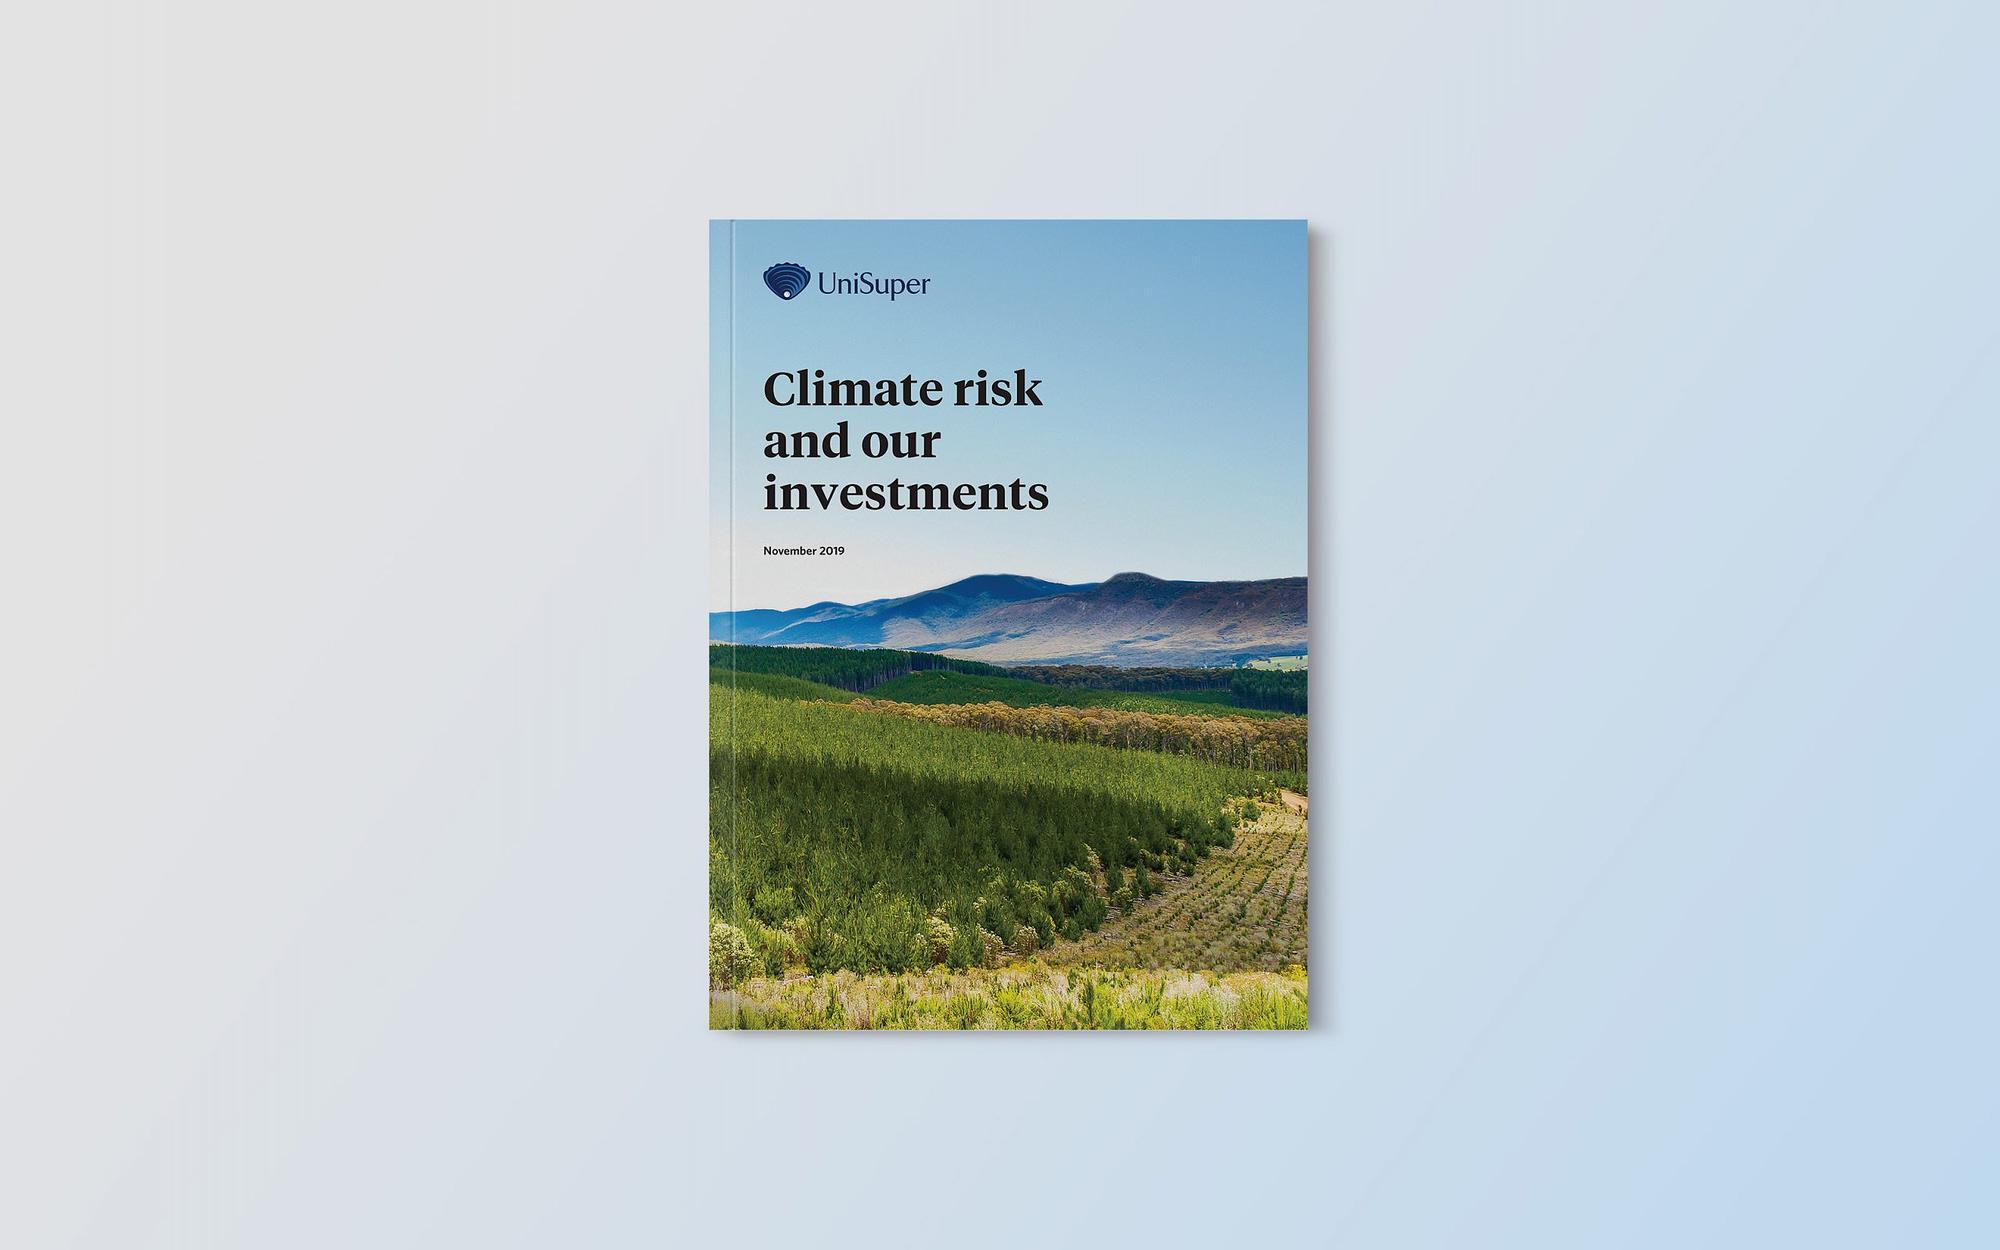 Unisuper Climate Risk report cover